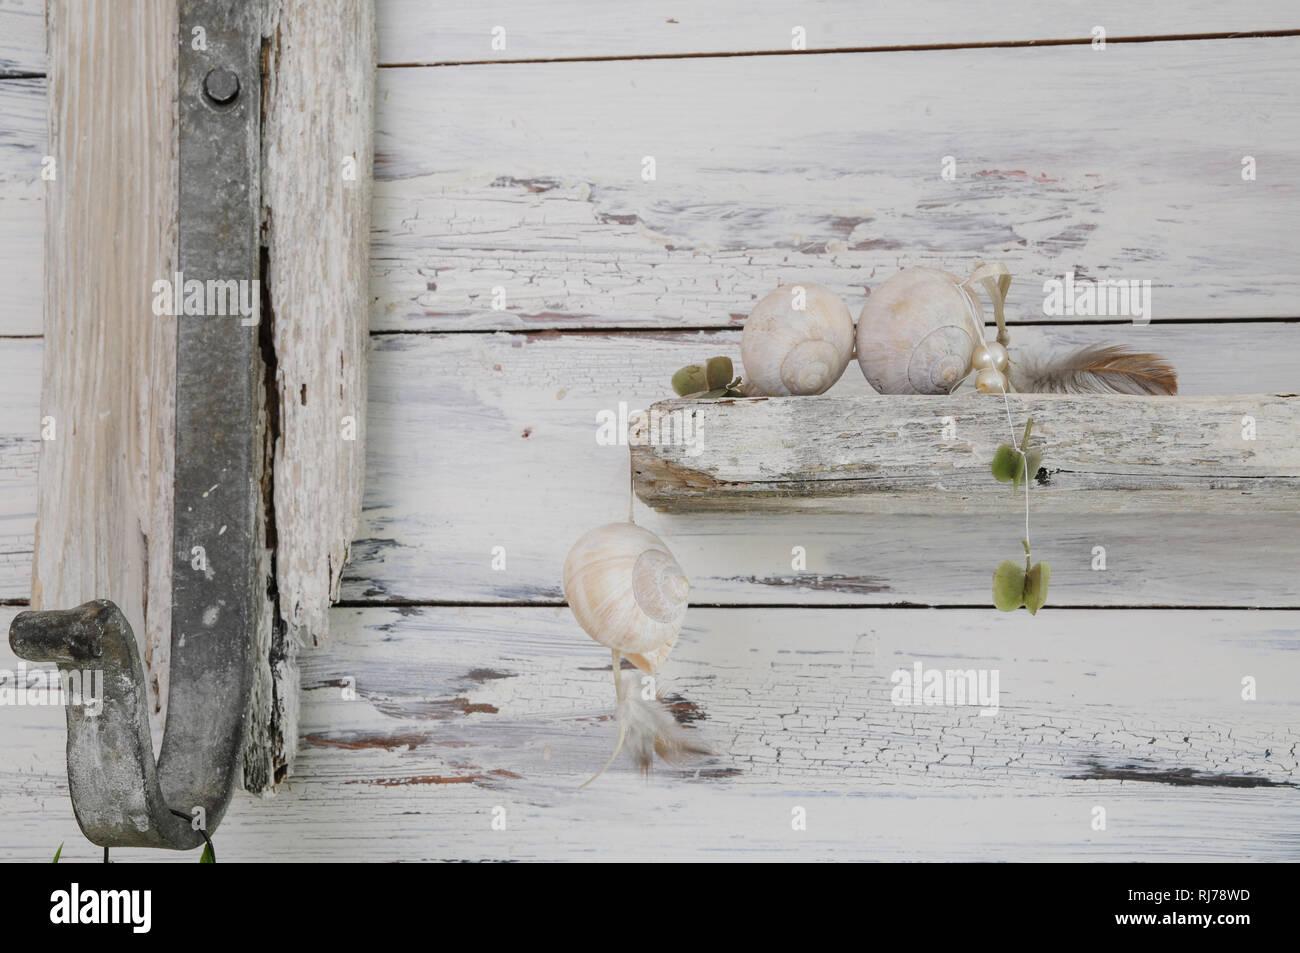 Schneckenhäuser und Federn als Deko auf Vintage-Regal, gusseiserner Haken, Close-up - Stock Image